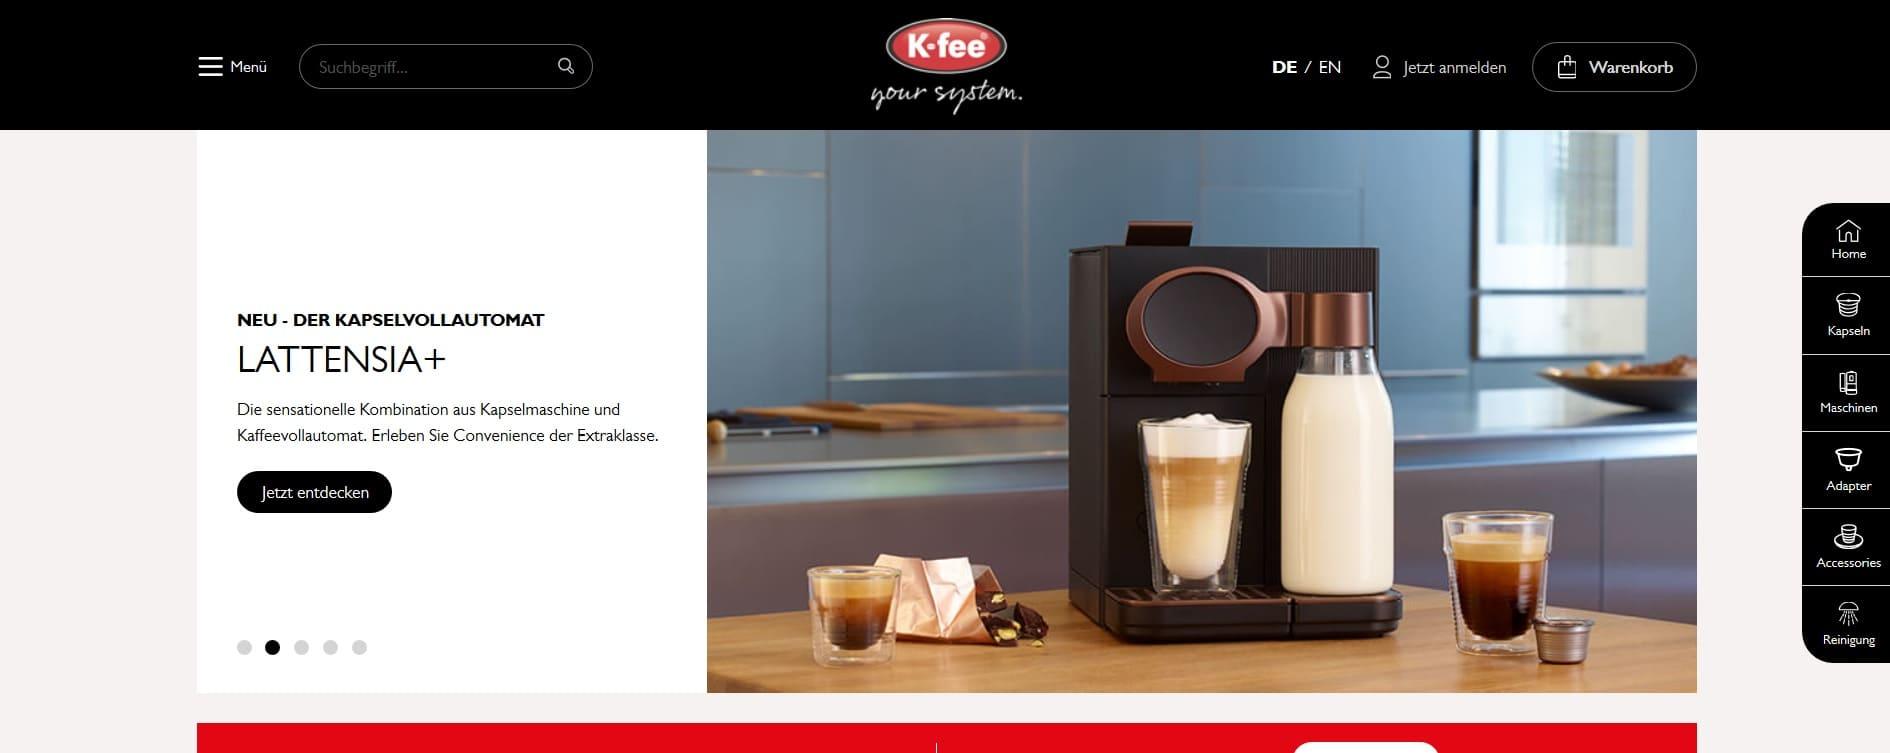 K-fee DE